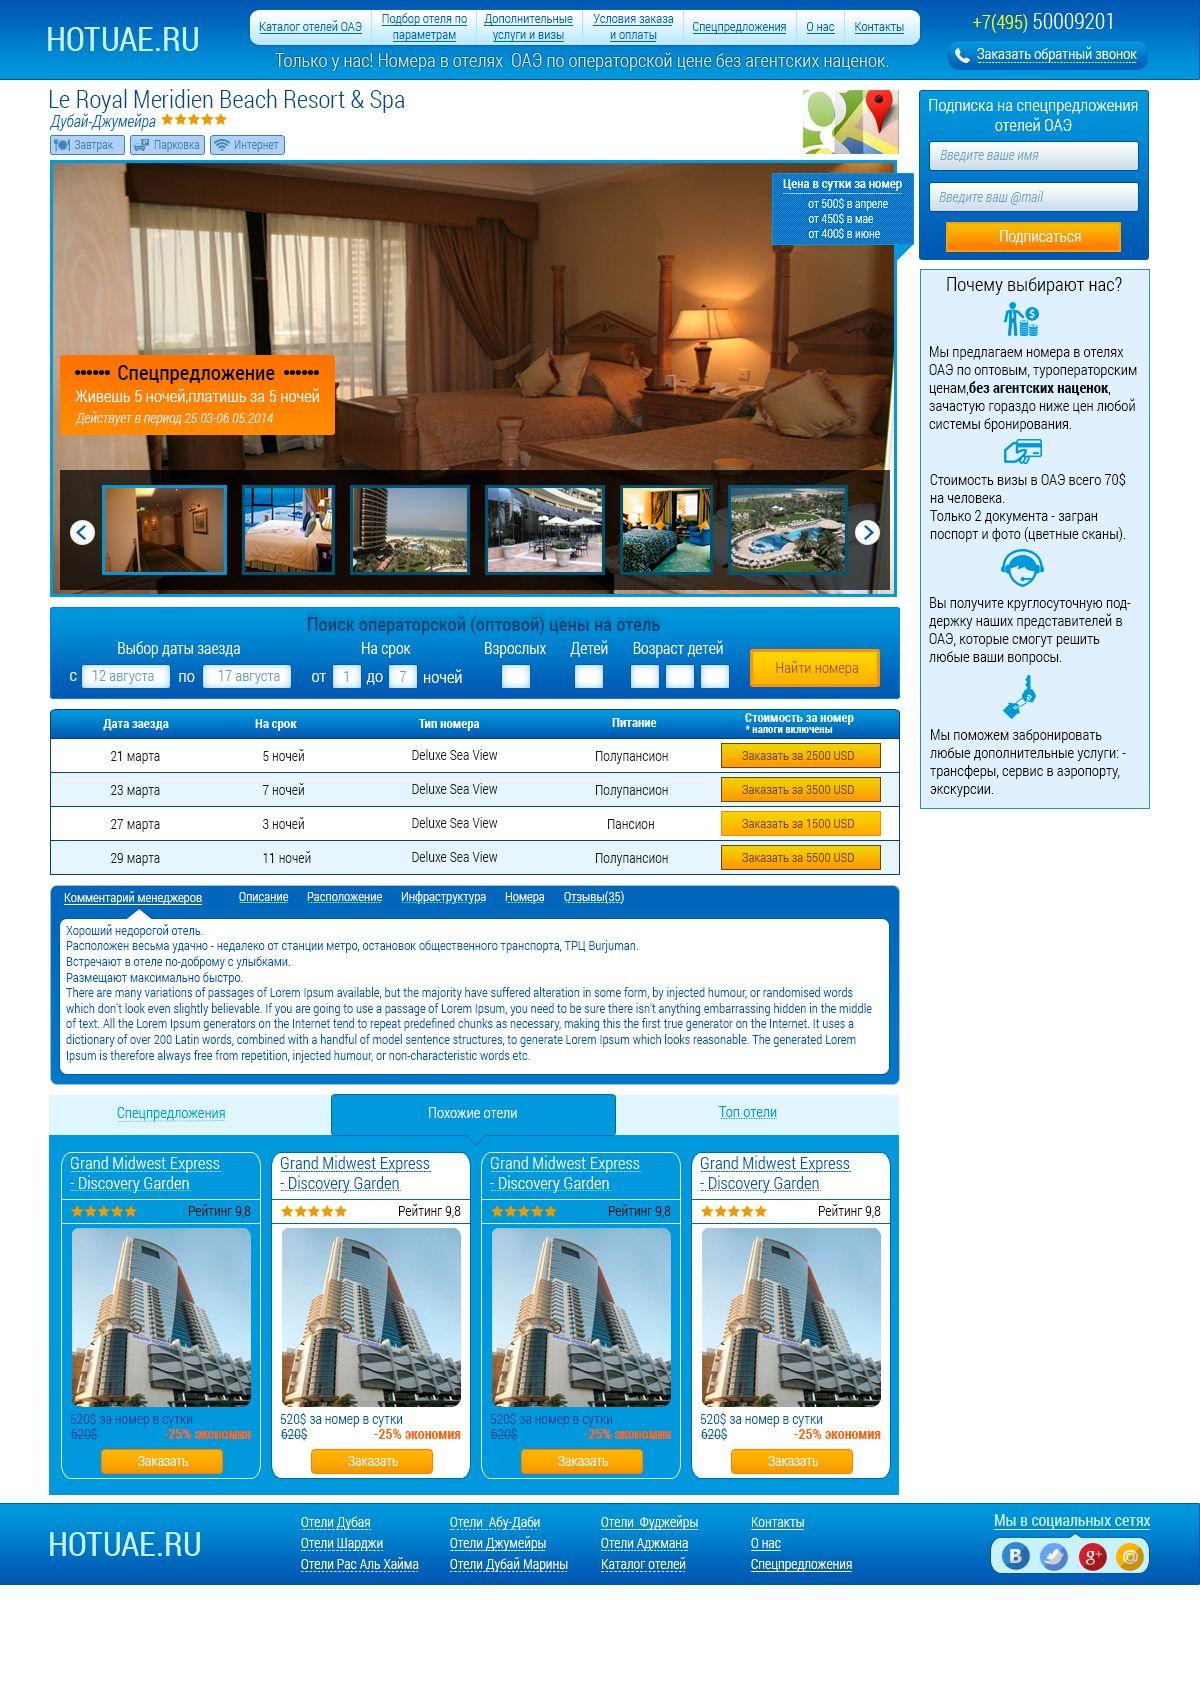 Страница сайта по продаже проживания в отеле - дизайнер Asd-Ast